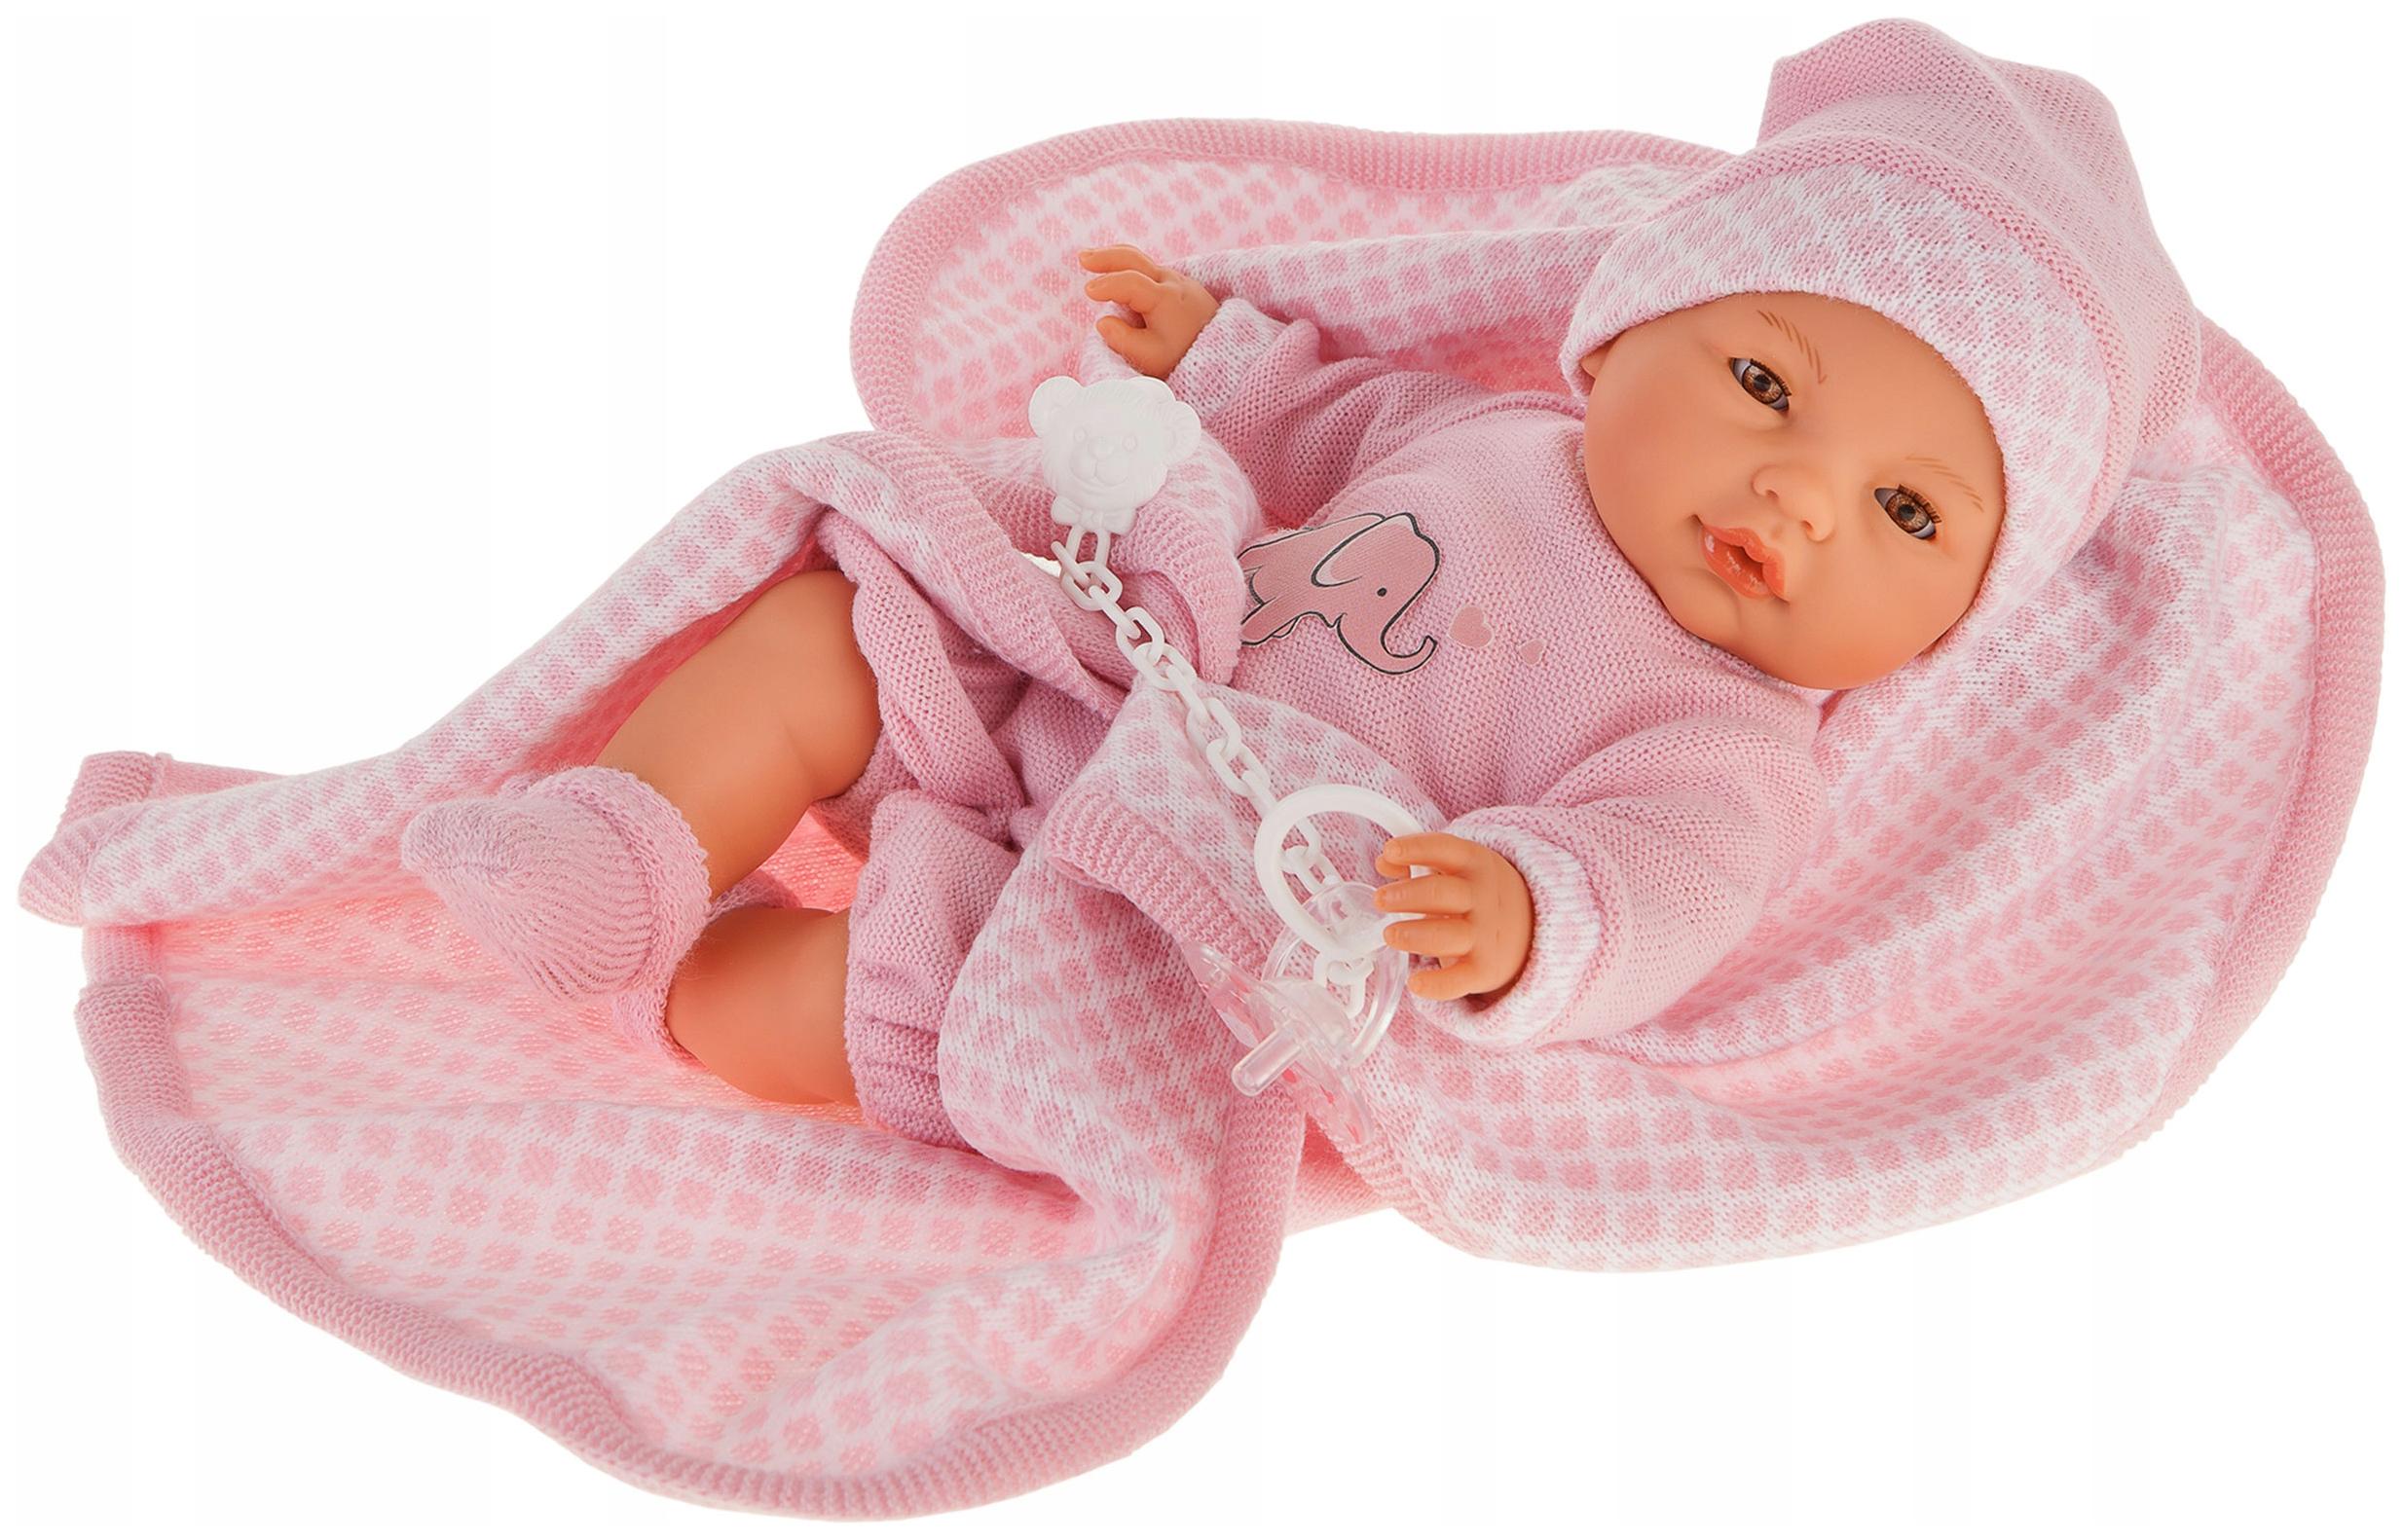 Купить Кукла Вега , в розовом (37 см), Antonio Juan, Классические куклы